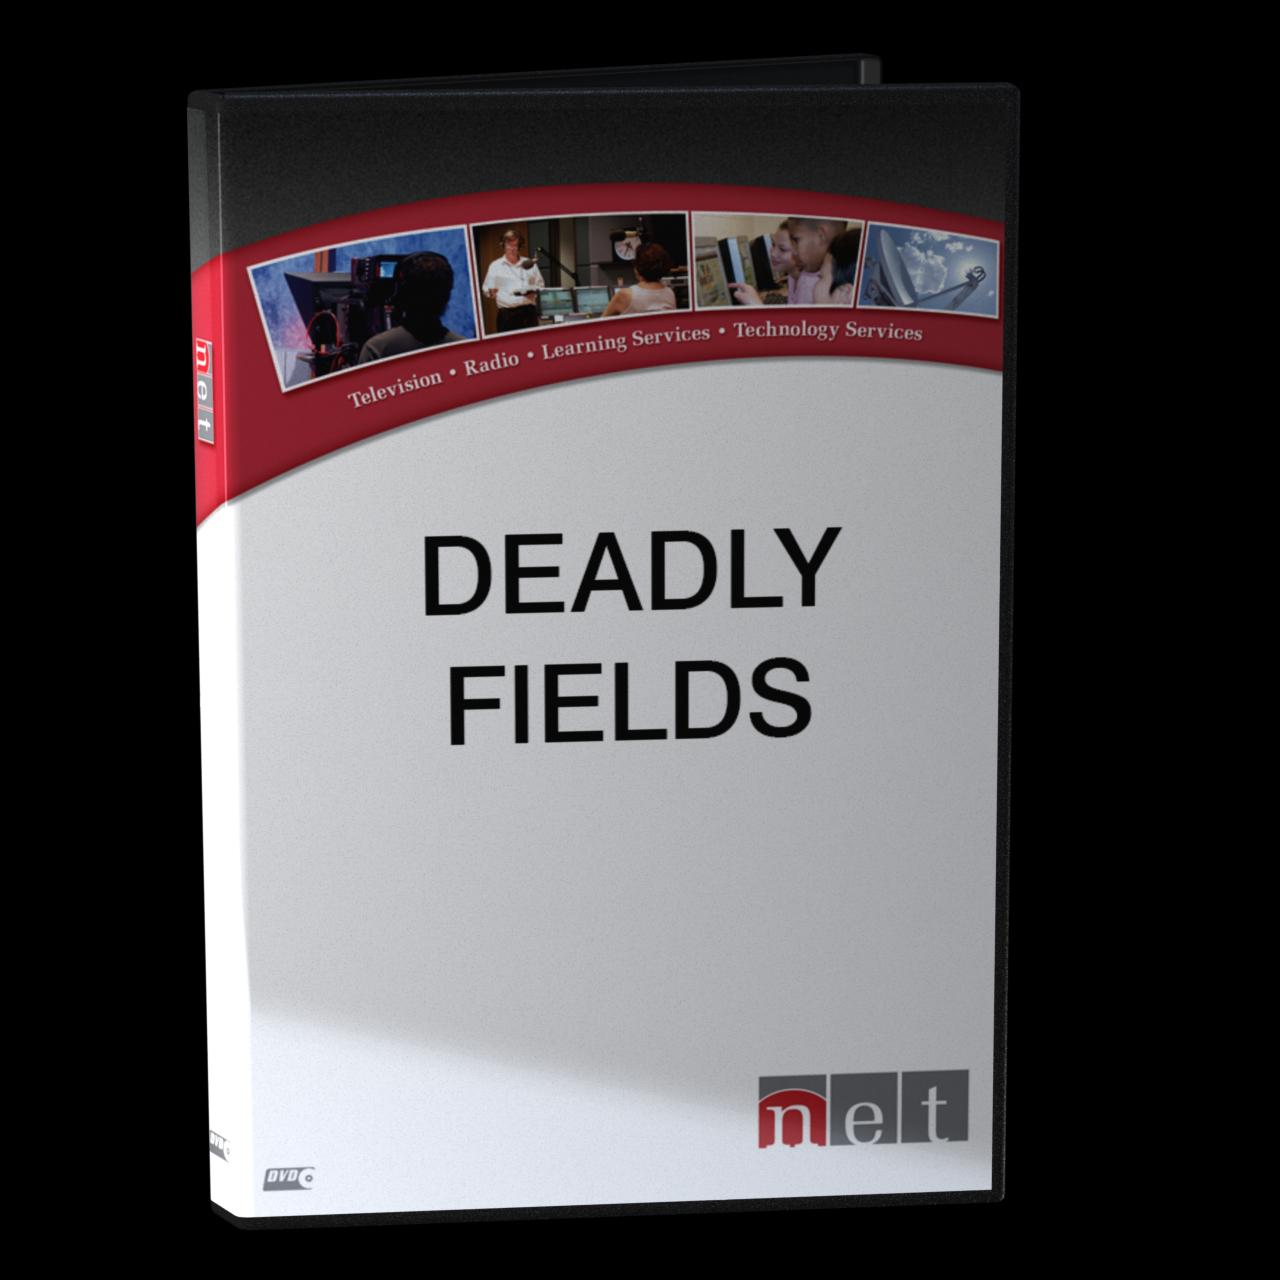 Deadly Fields